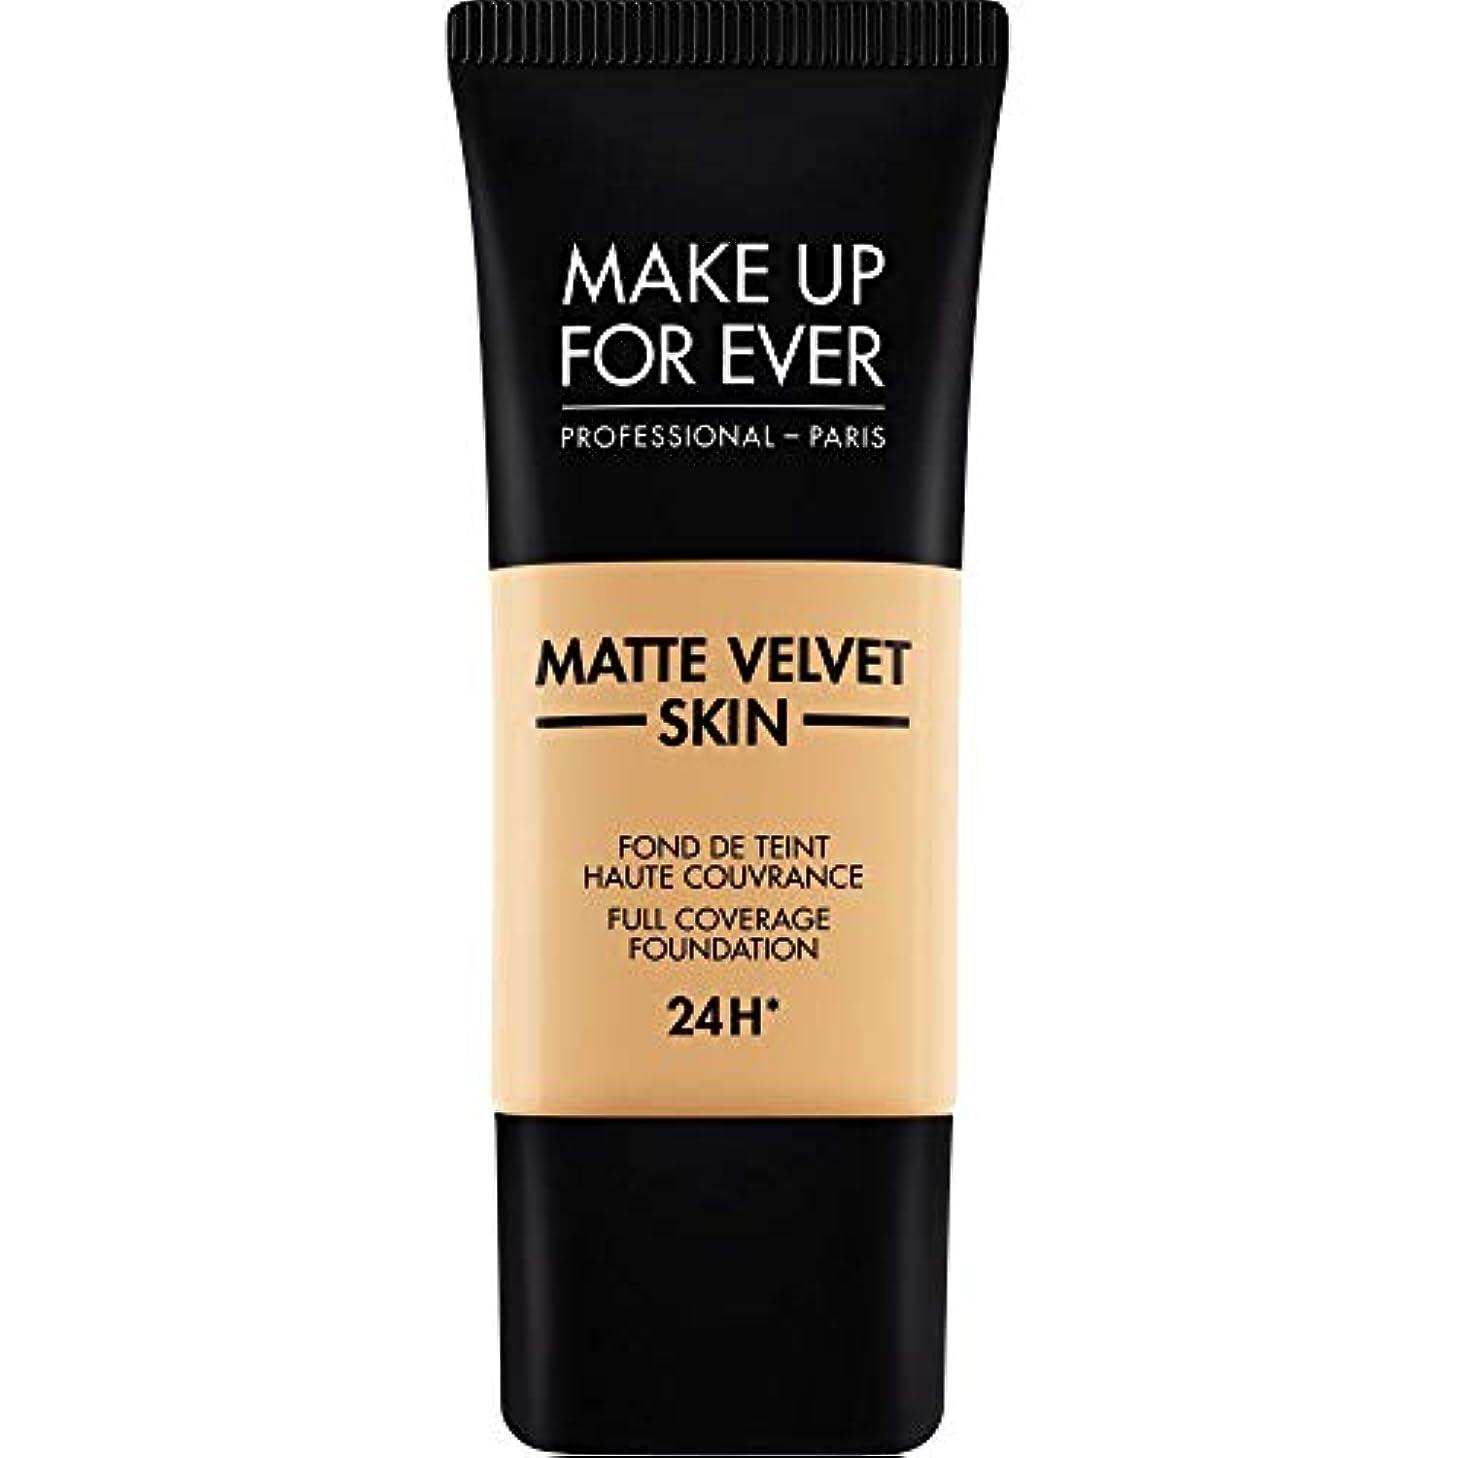 研磨解説することになっている[MAKE UP FOR EVER ] ナチュラルベージュ - これまでマットベルベットの皮膚のフルカバレッジ基礎30ミリリットルのY345を補います - MAKE UP FOR EVER Matte Velvet Skin...